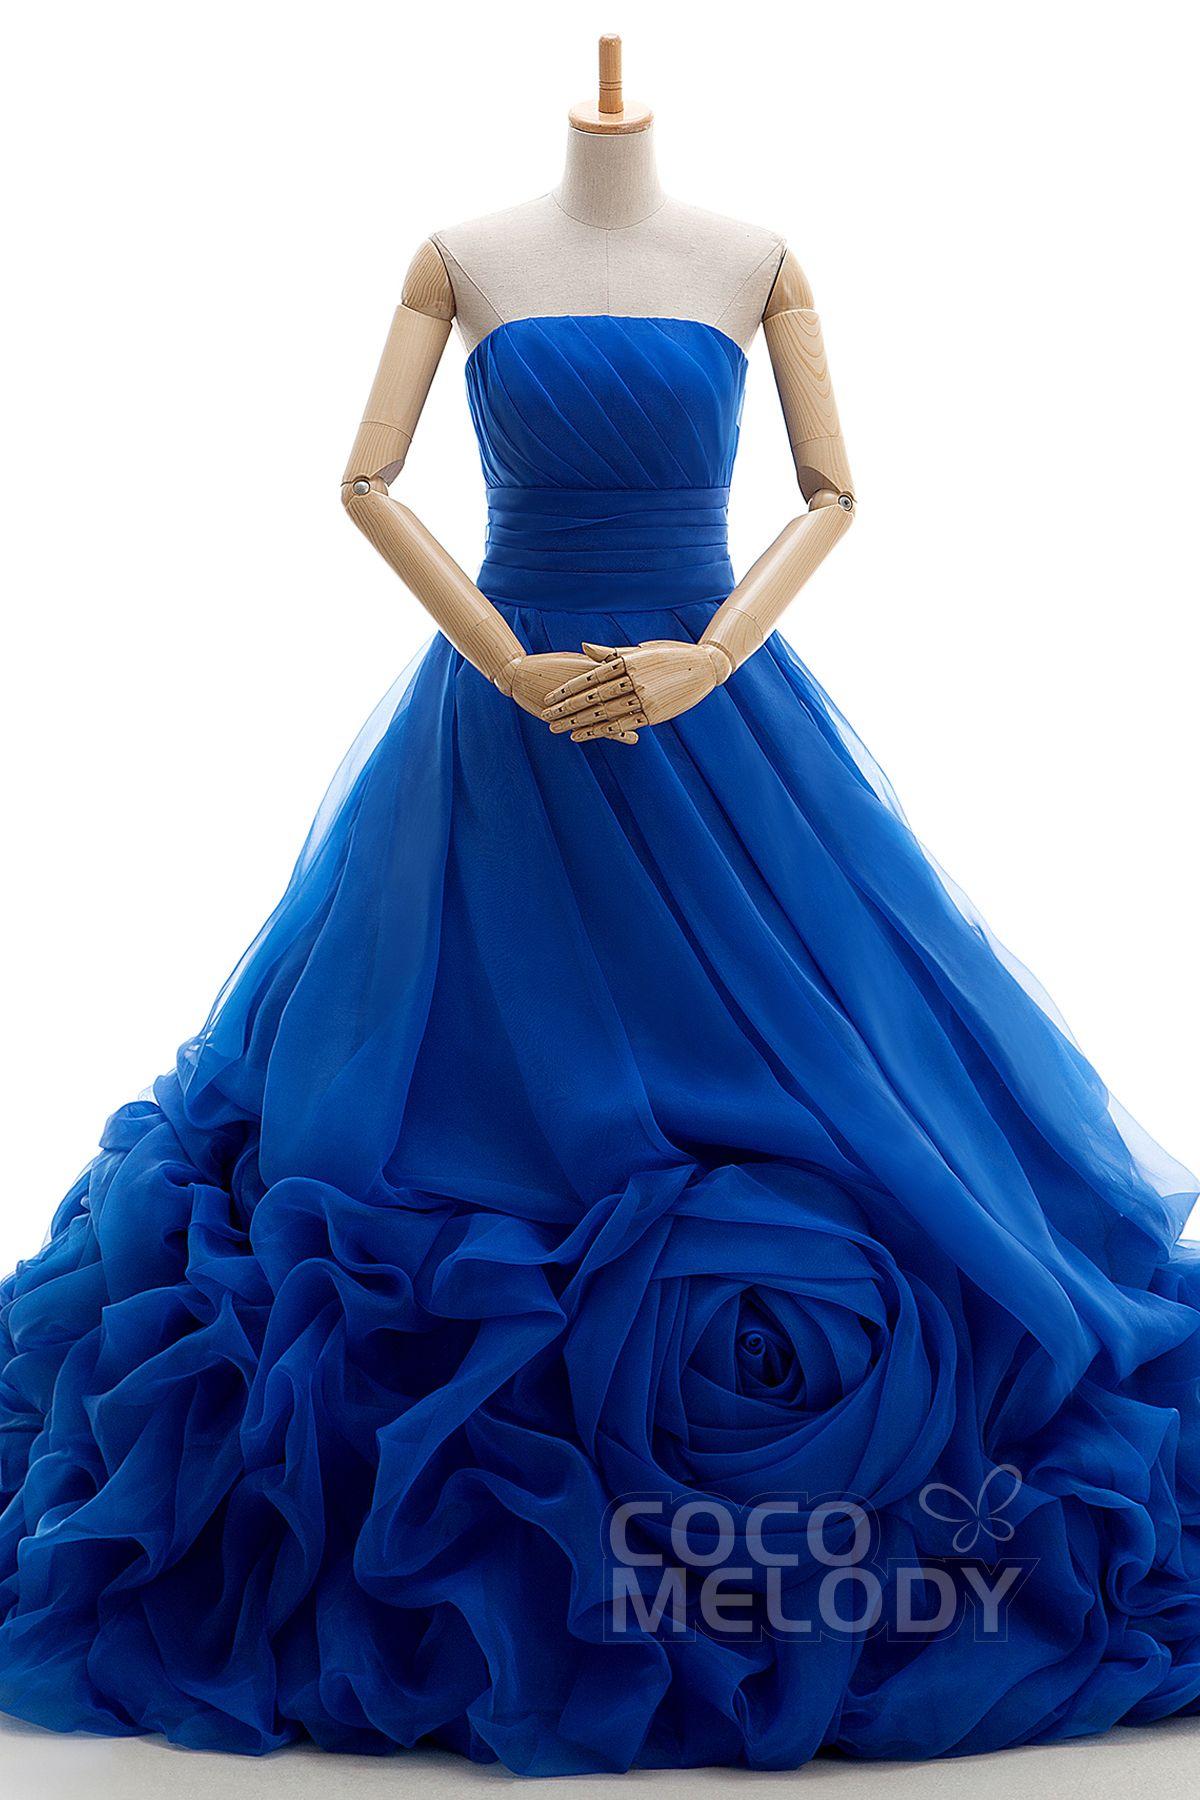 Something like thisbut lighter wedding dresses